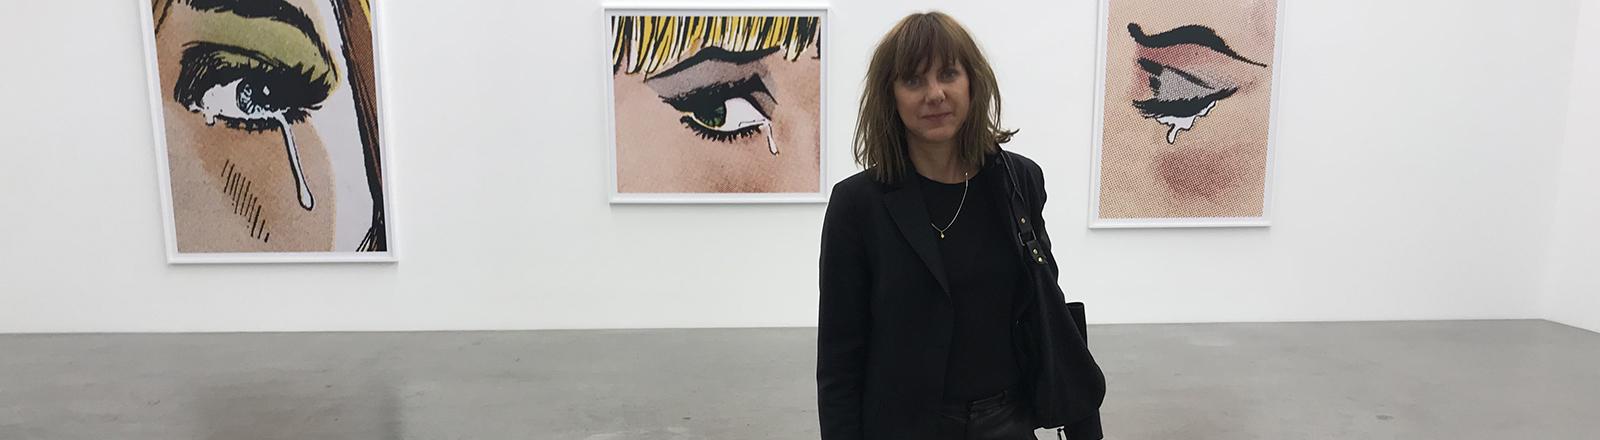 Eine Frau steht im Vordergrund, im Hintergrund hängen drei Gemälde an der Wand.